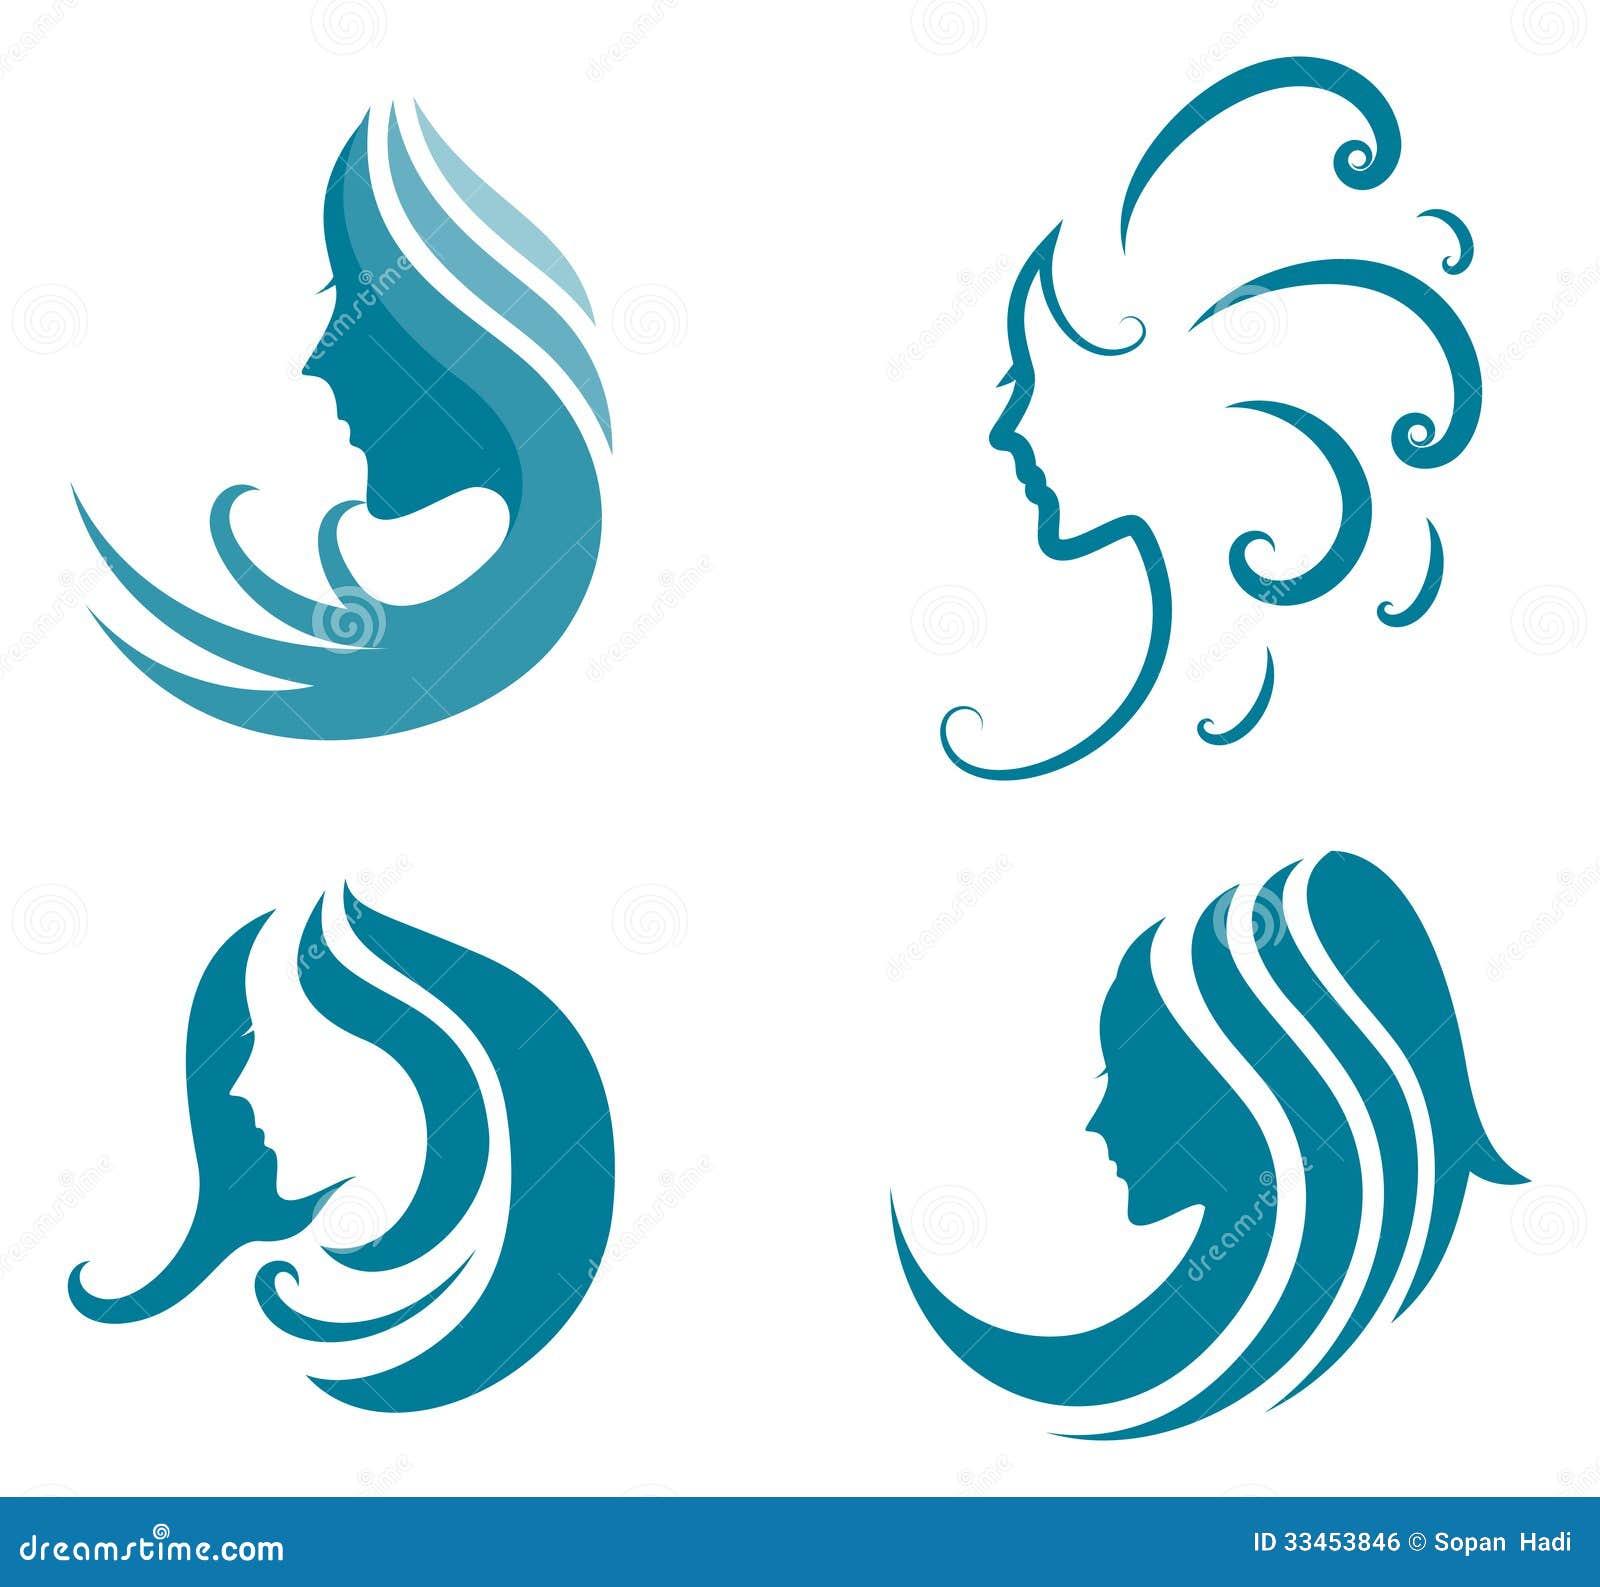 Fashion Icon Symbol Of Female Beauty Illustration 33453846 Megapixl